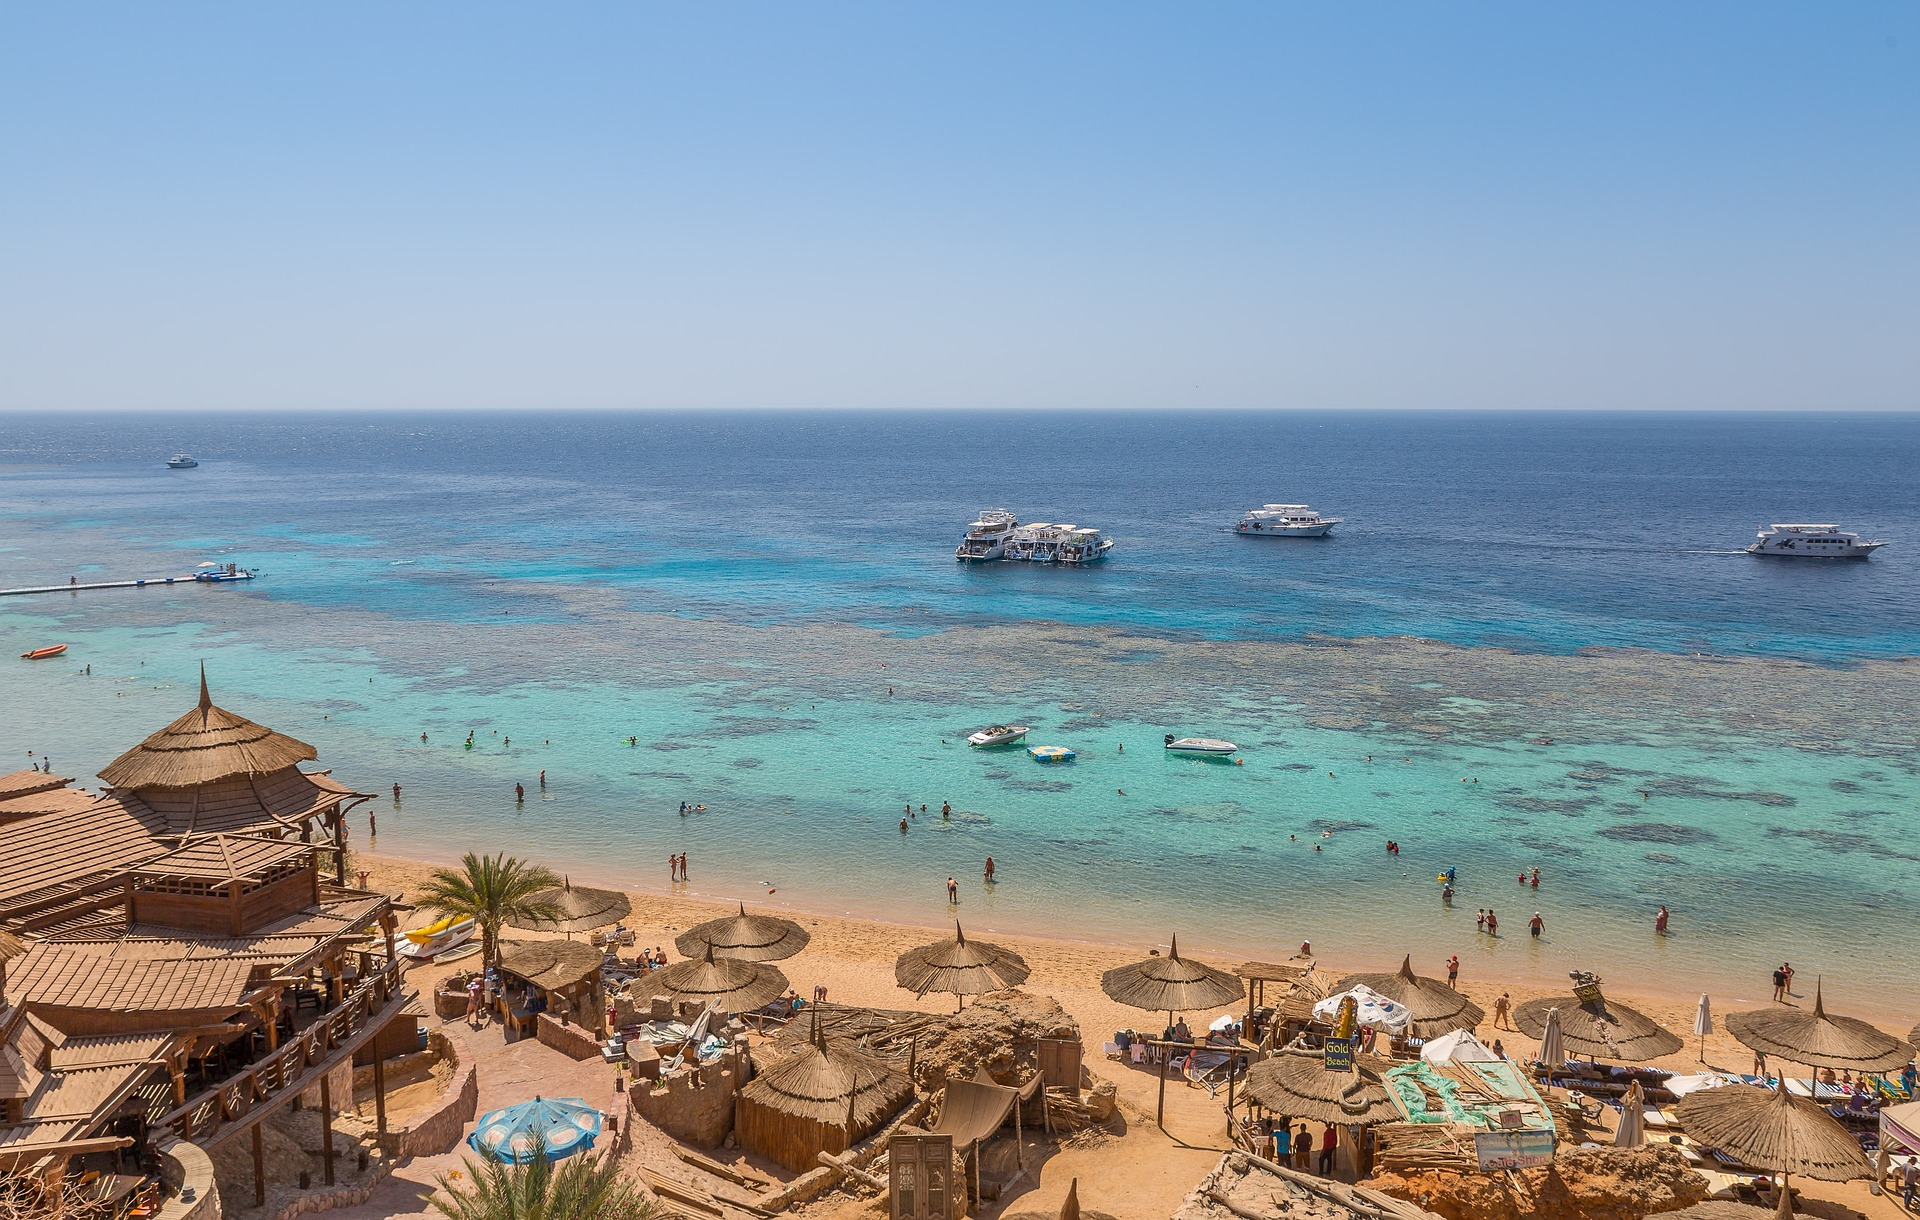 QR-код как пропуск в страну: на курортах Египта ввели новые требования к тестам туристов